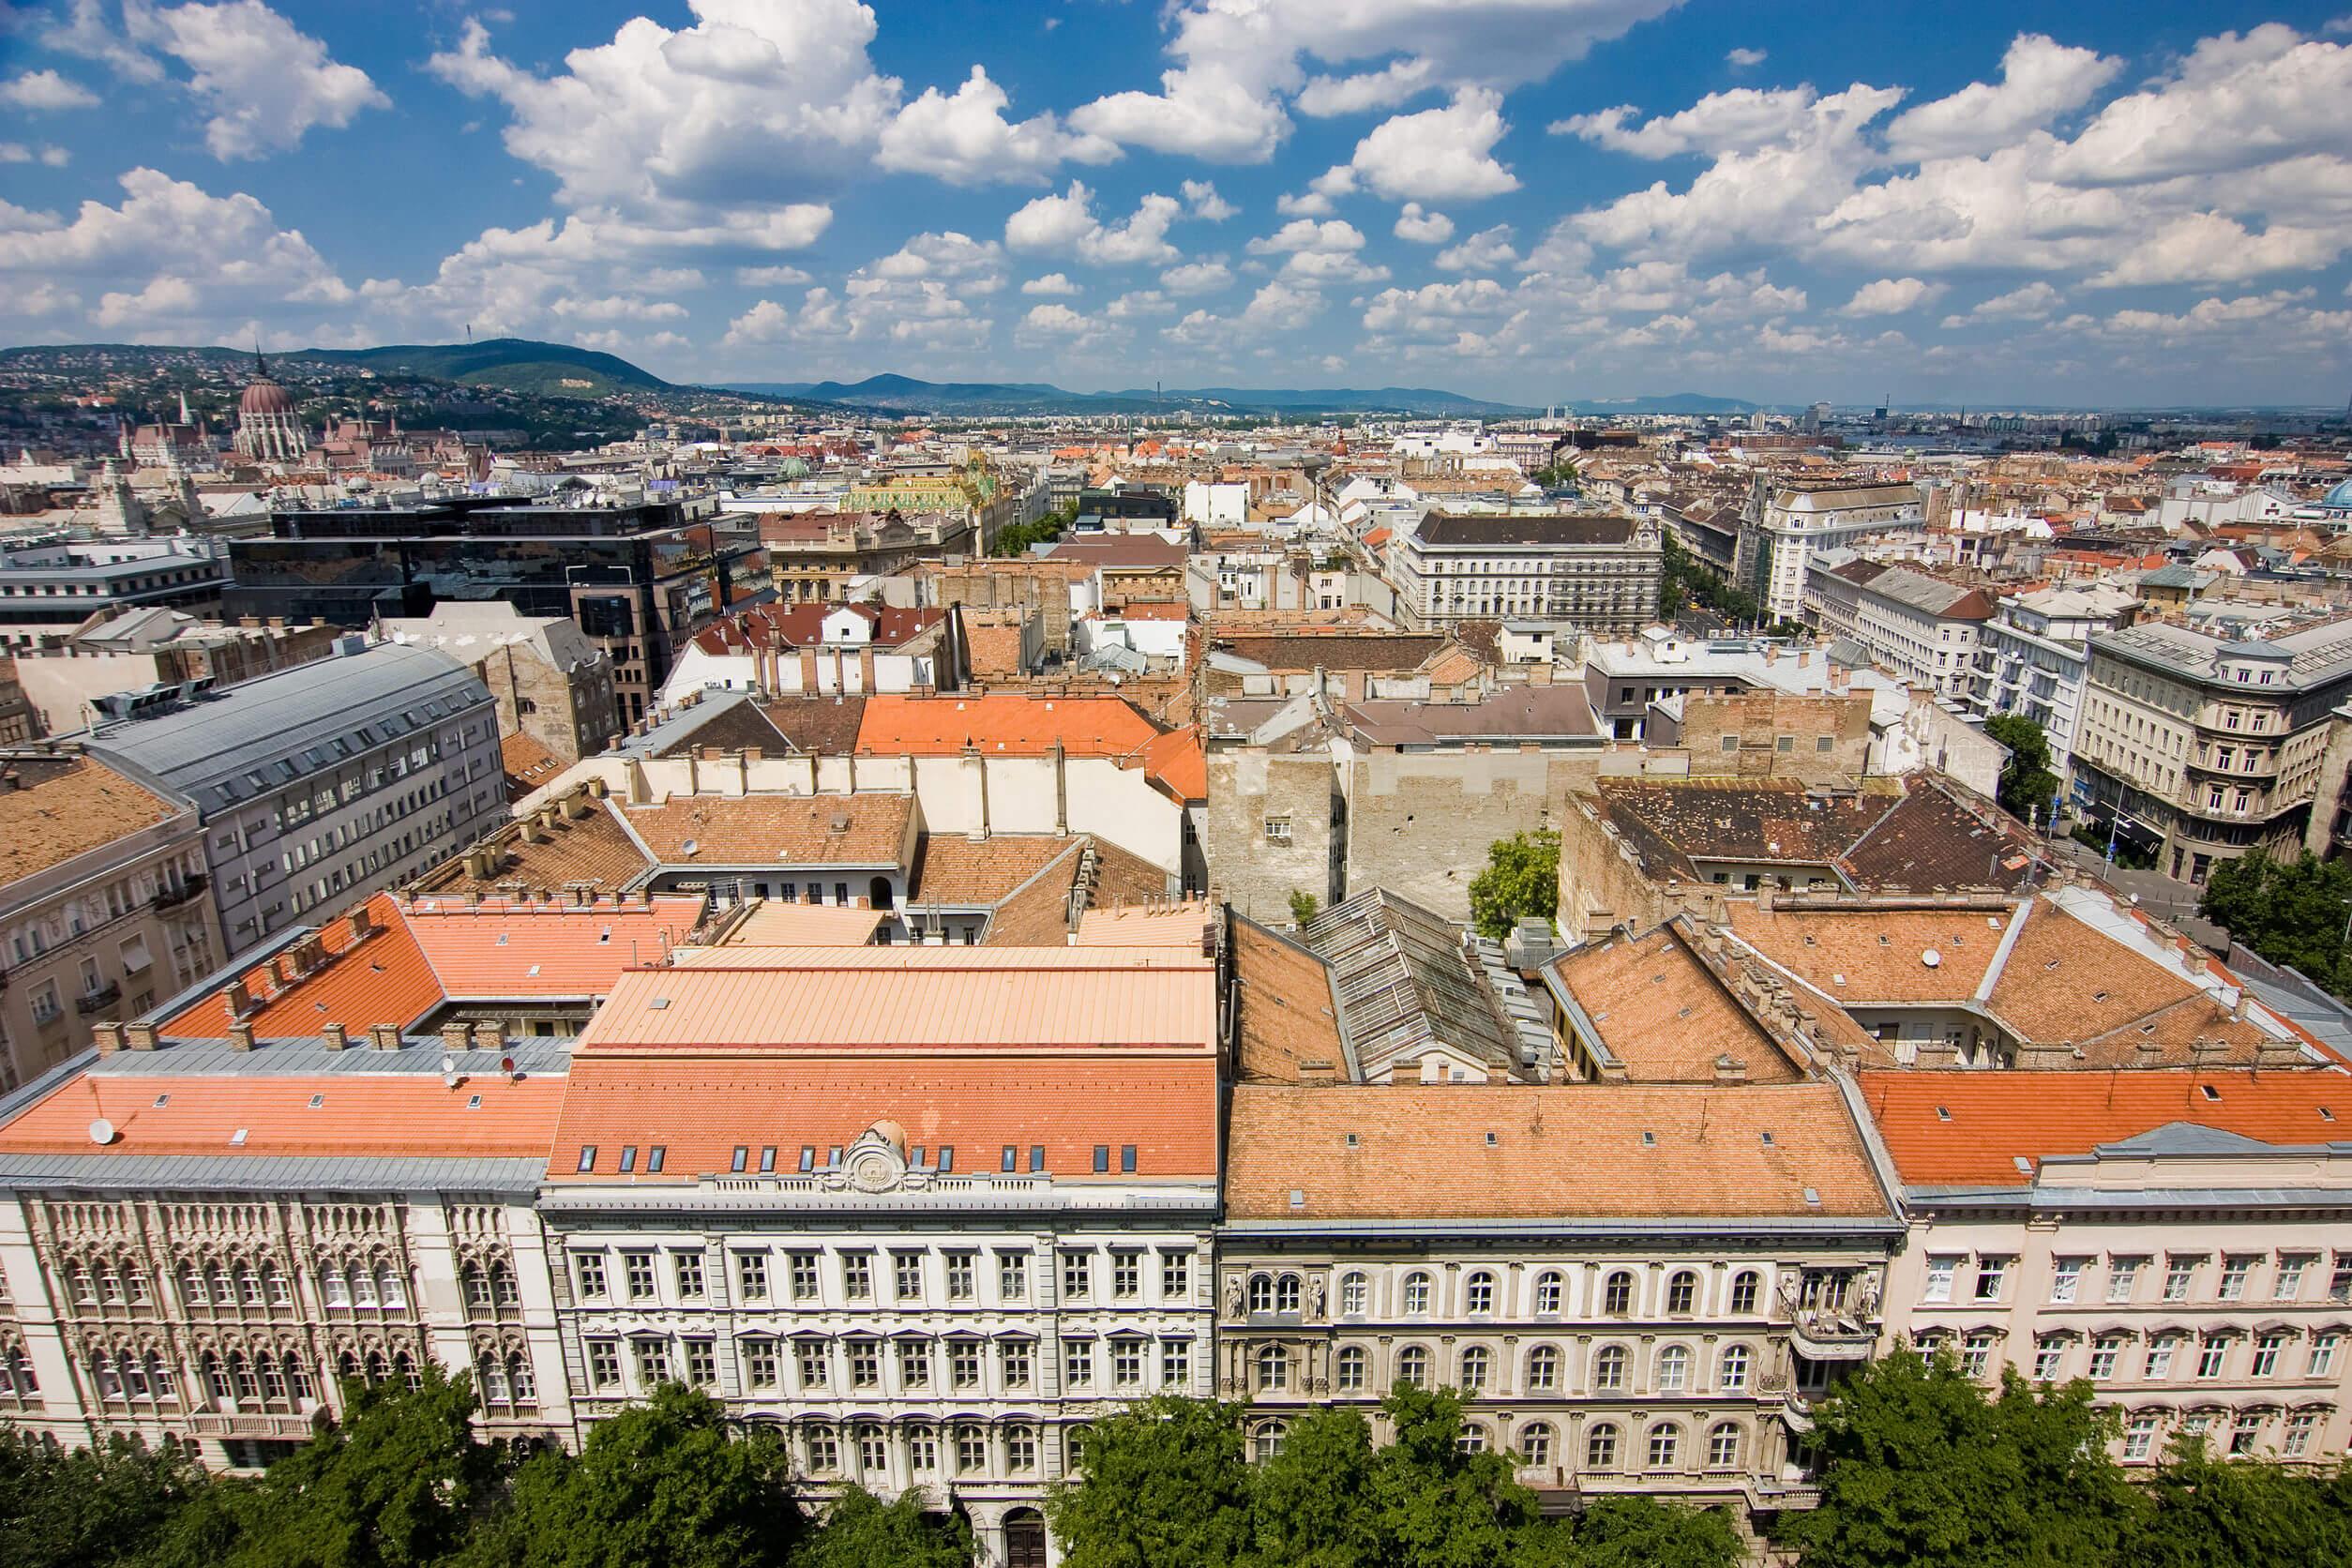 30 millió forint alatt Budapesten: íme Józsefváros legszebb lakásai